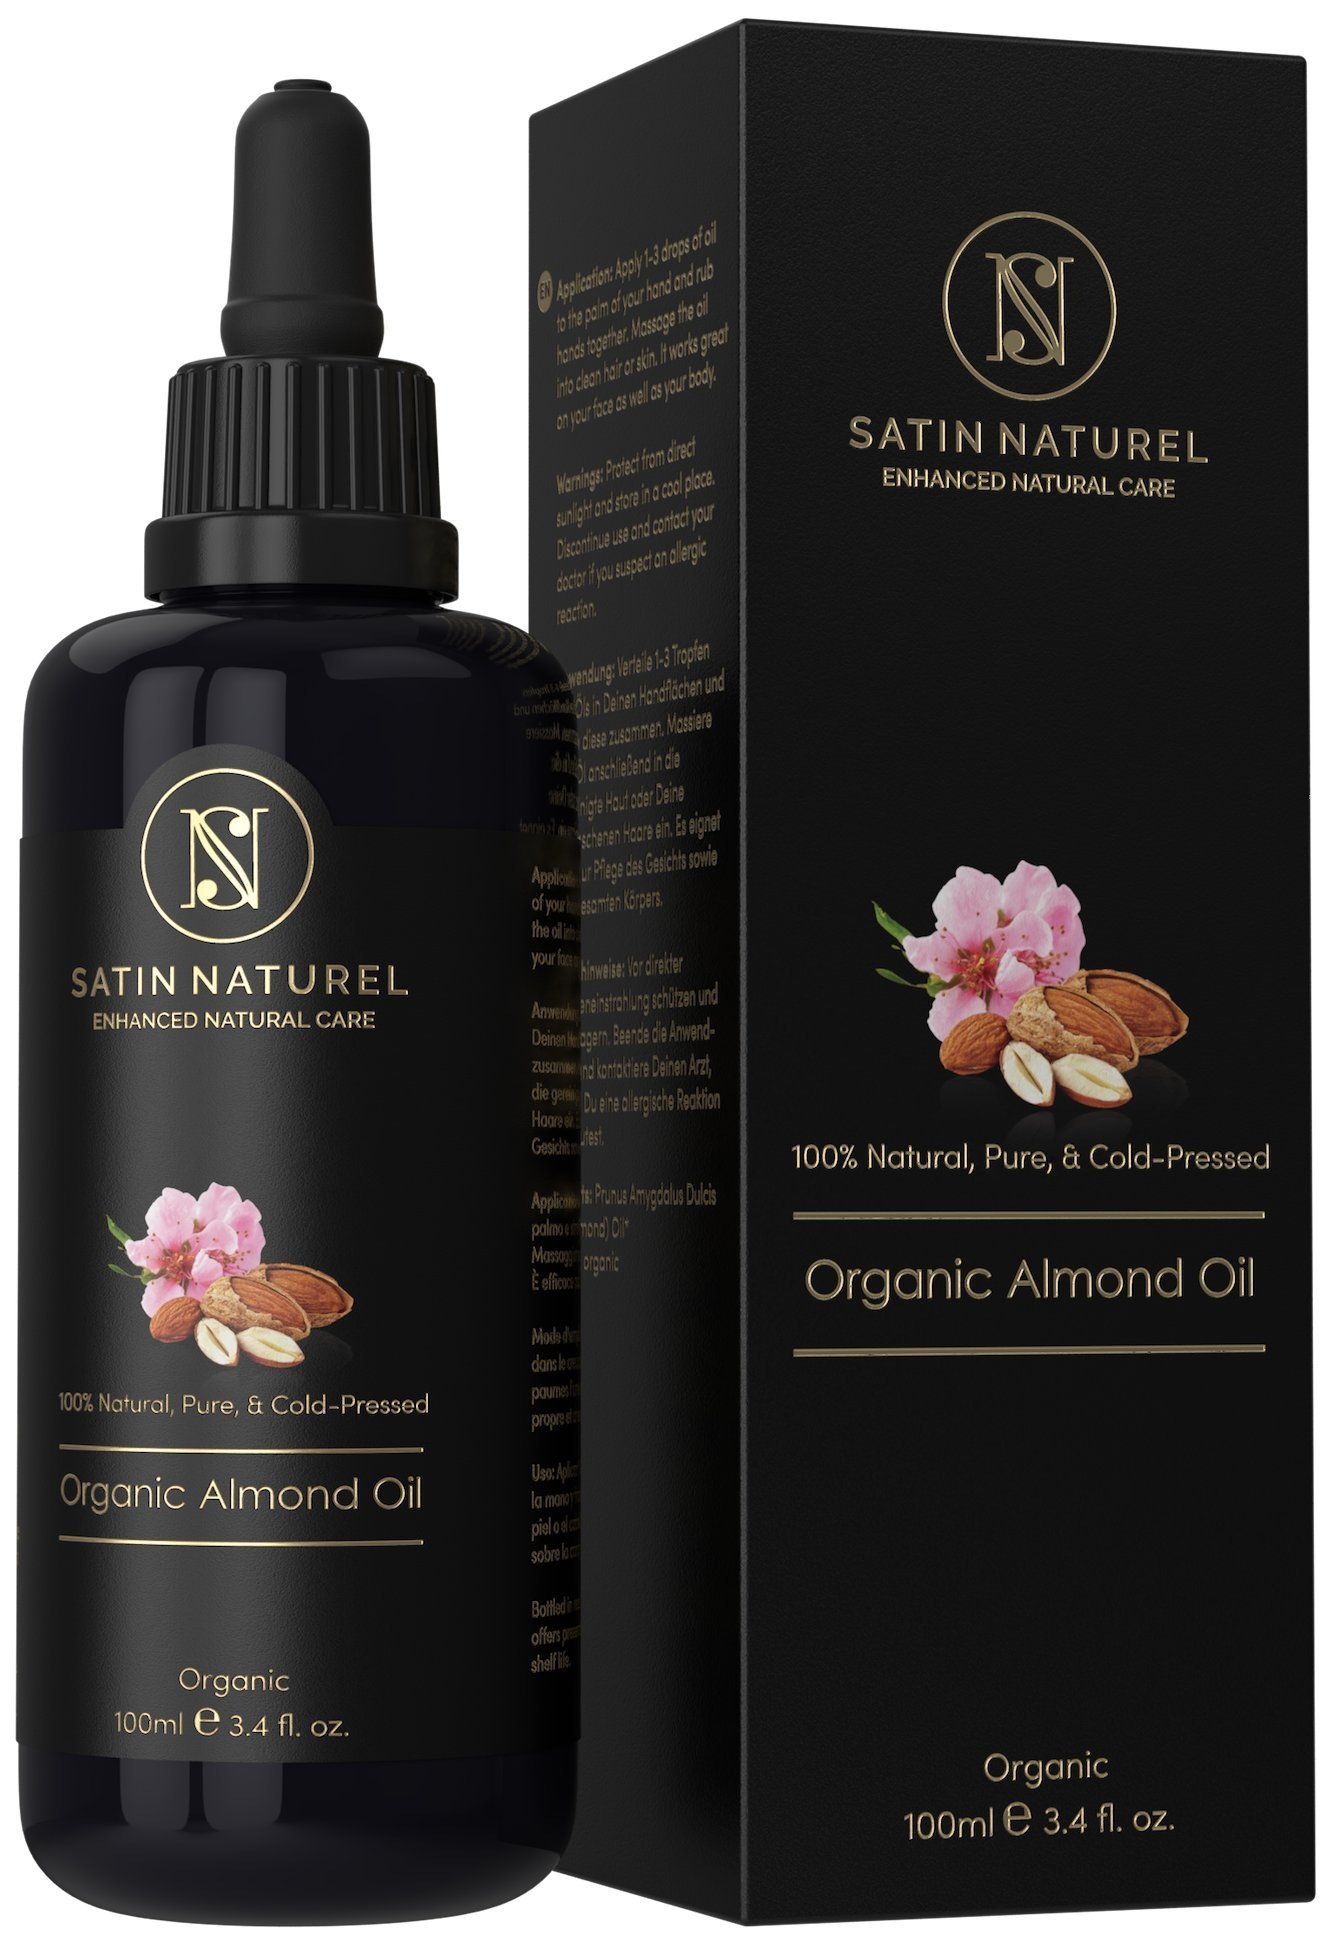 Aceite de Almendras 100% Puro, Natural, Orgánico 100ml / Con Certificación Ecológica y